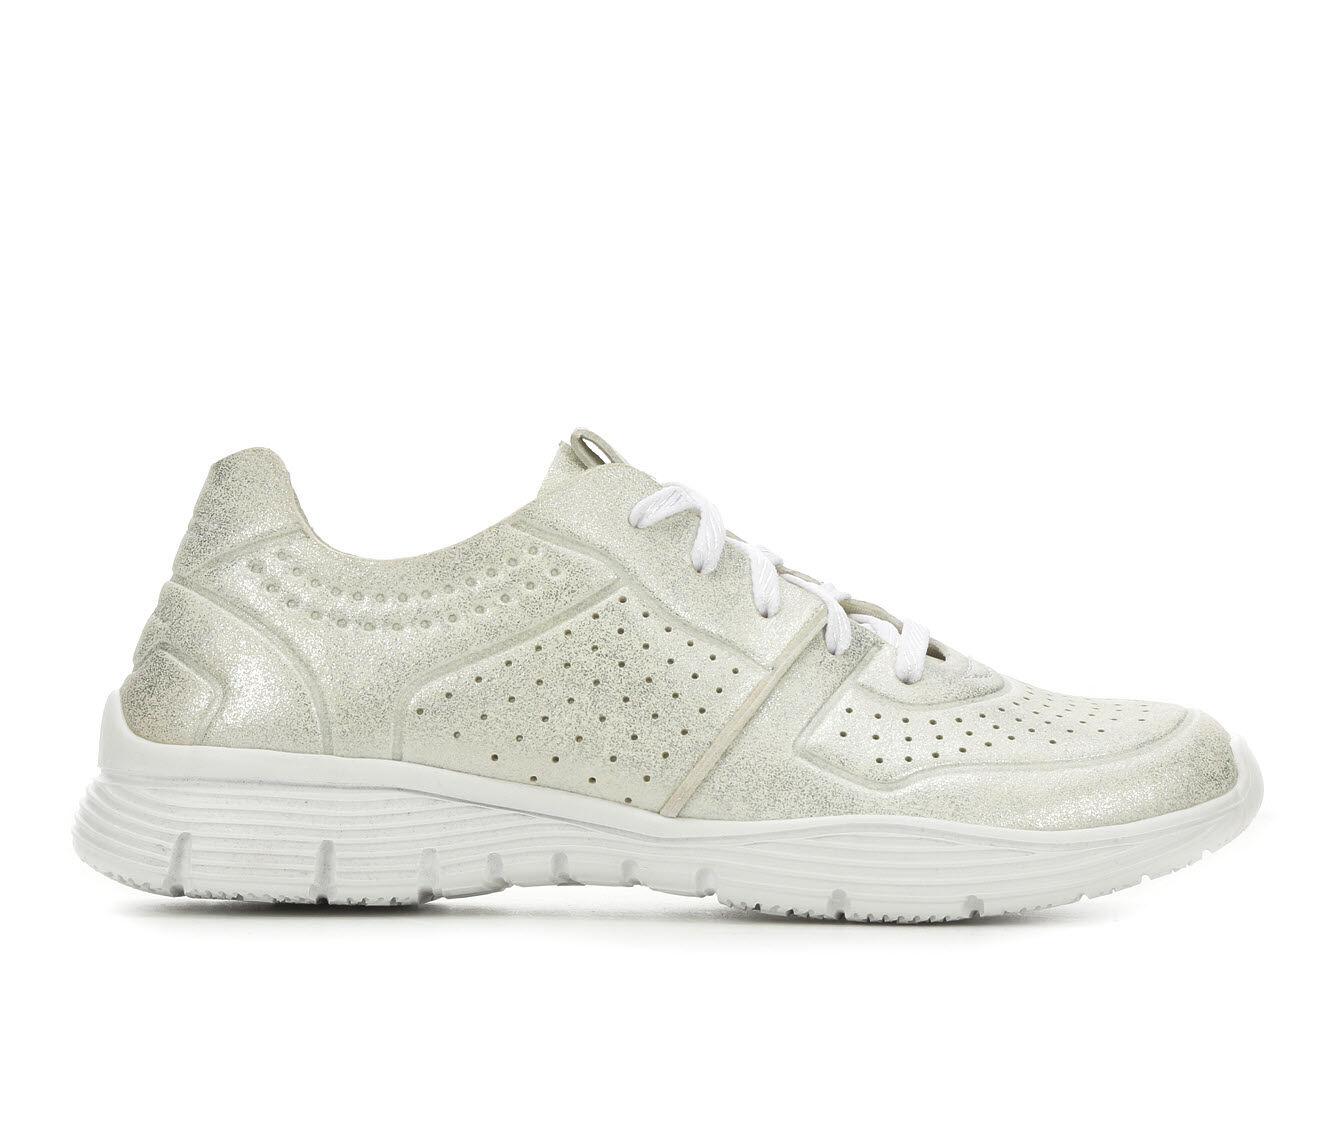 Women's Skechers Major League 49626 Sneakers White